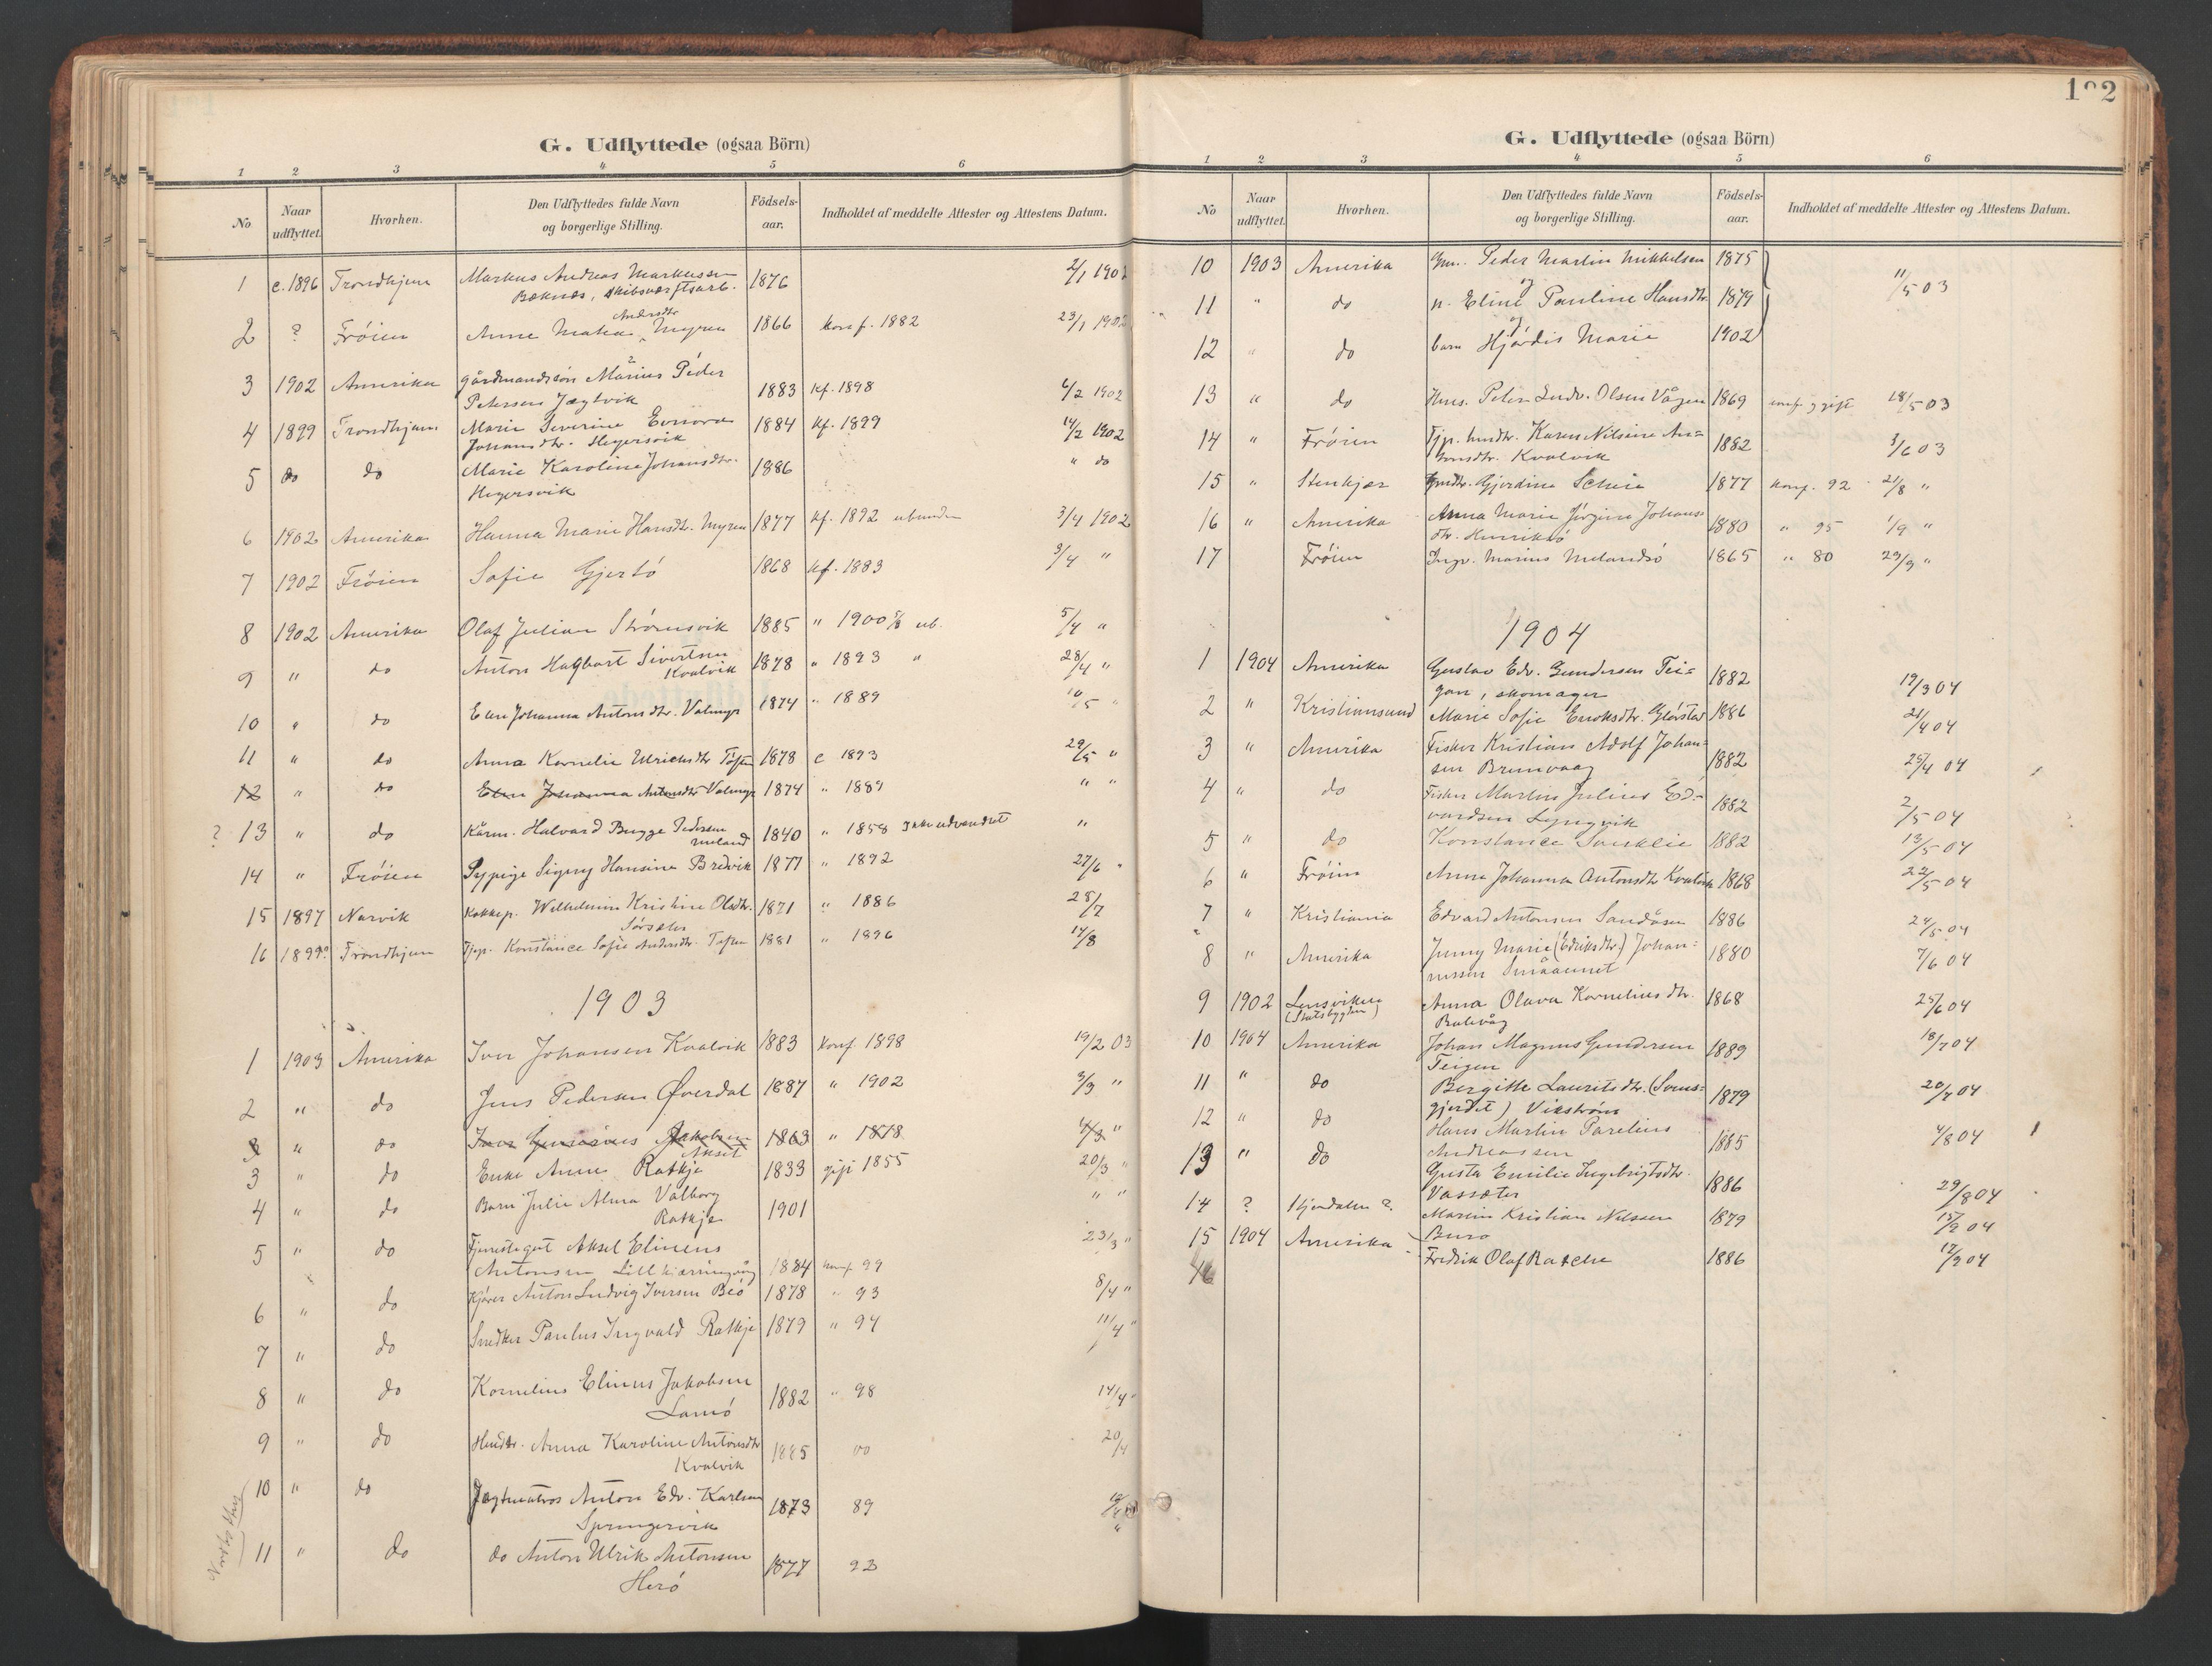 SAT, Ministerialprotokoller, klokkerbøker og fødselsregistre - Sør-Trøndelag, 634/L0537: Ministerialbok nr. 634A13, 1896-1922, s. 192